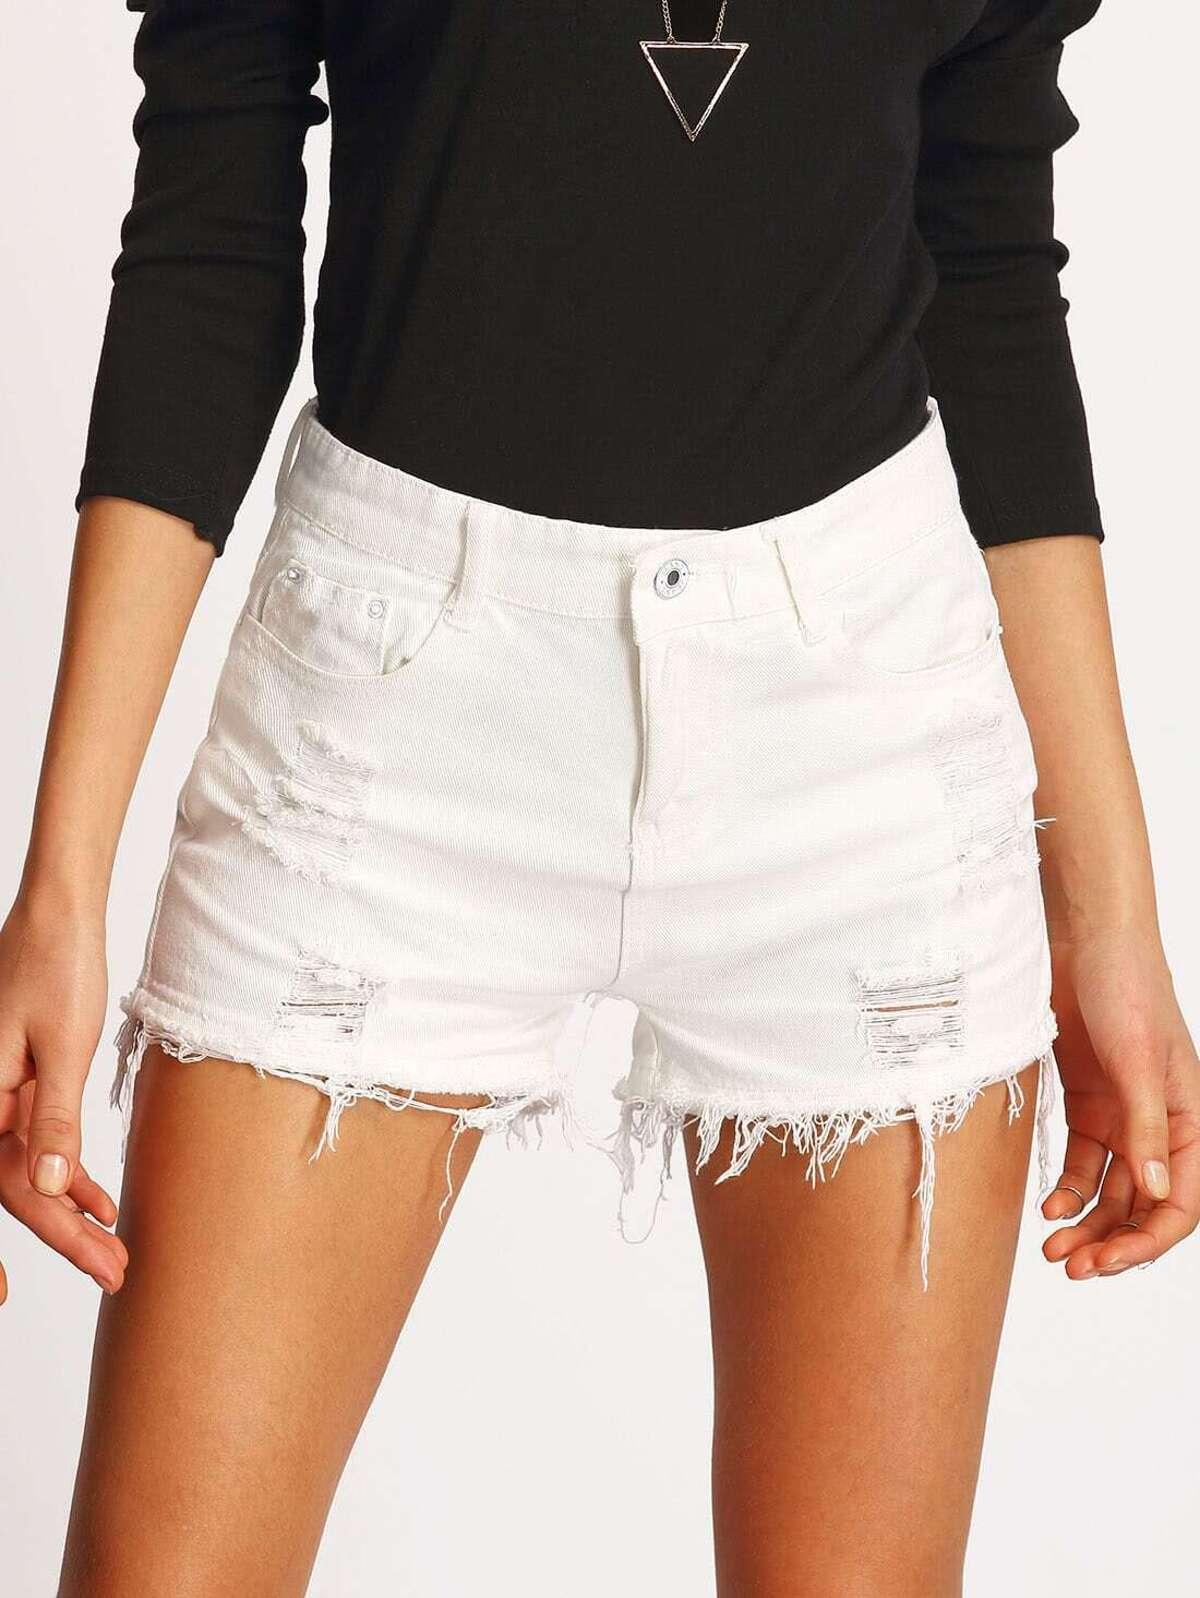 白色 撕裂 磨損的 牛仔布 短褲